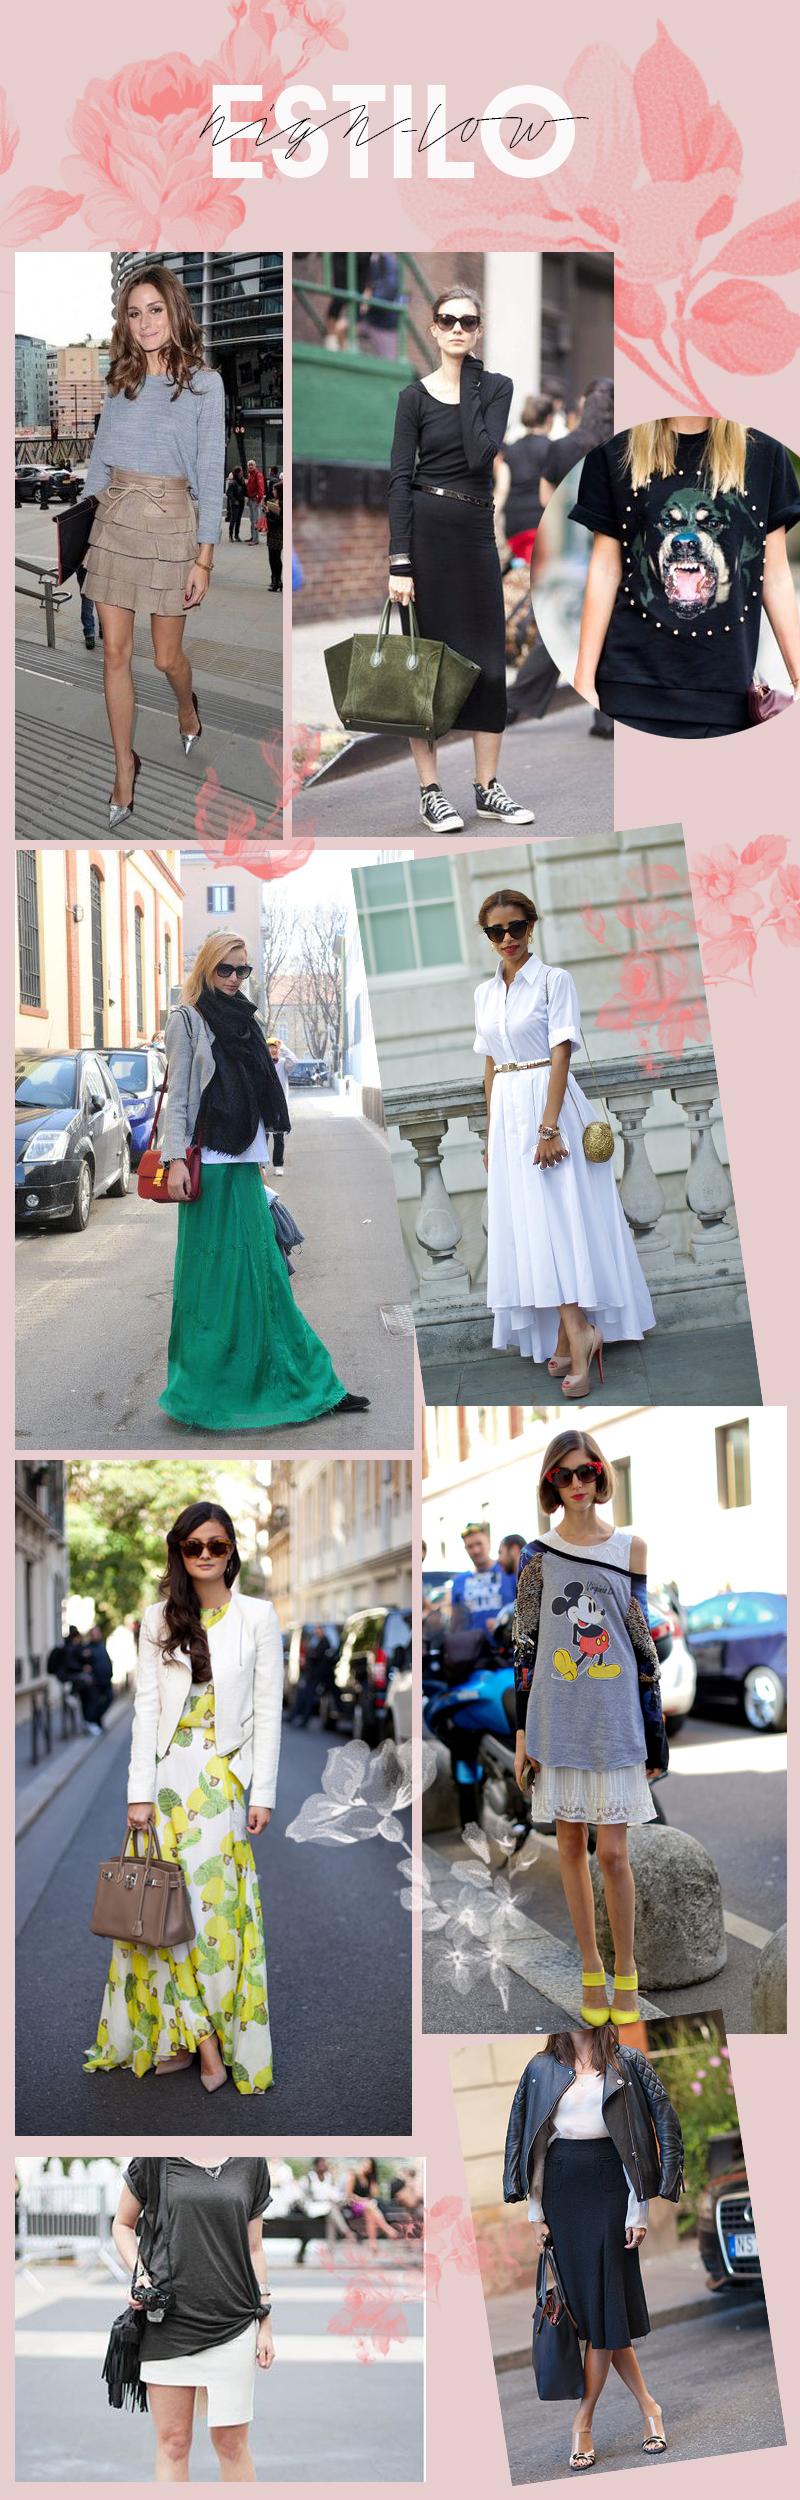 Entenda como é o estilo high lo - dicas de moda e estilo por Deisi Remus